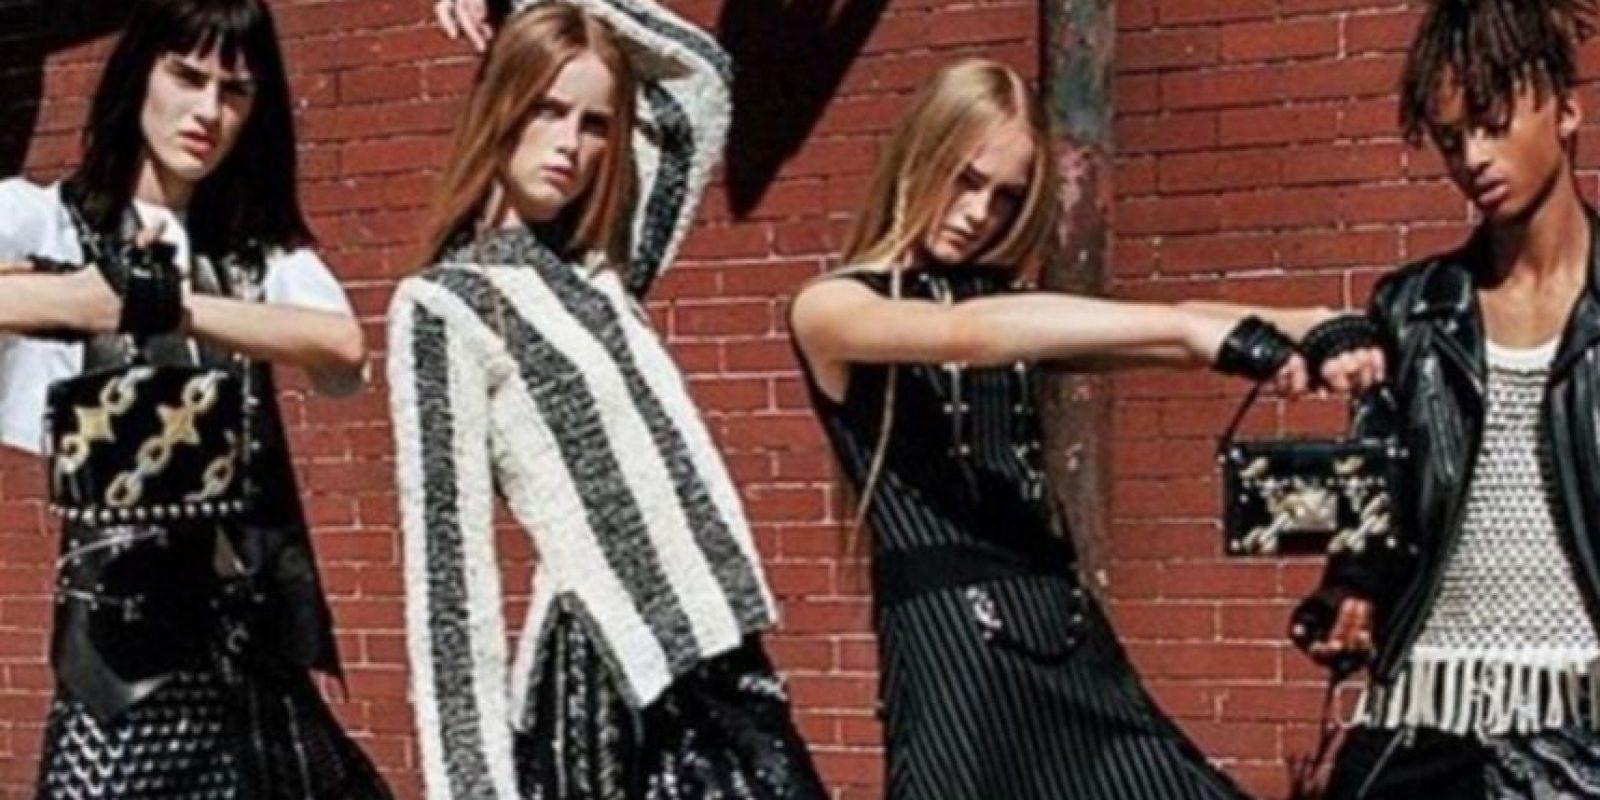 Protagonizó la campaña de Louis Vuitton vestido de mujer Foto:Instagram/@christiaingrey